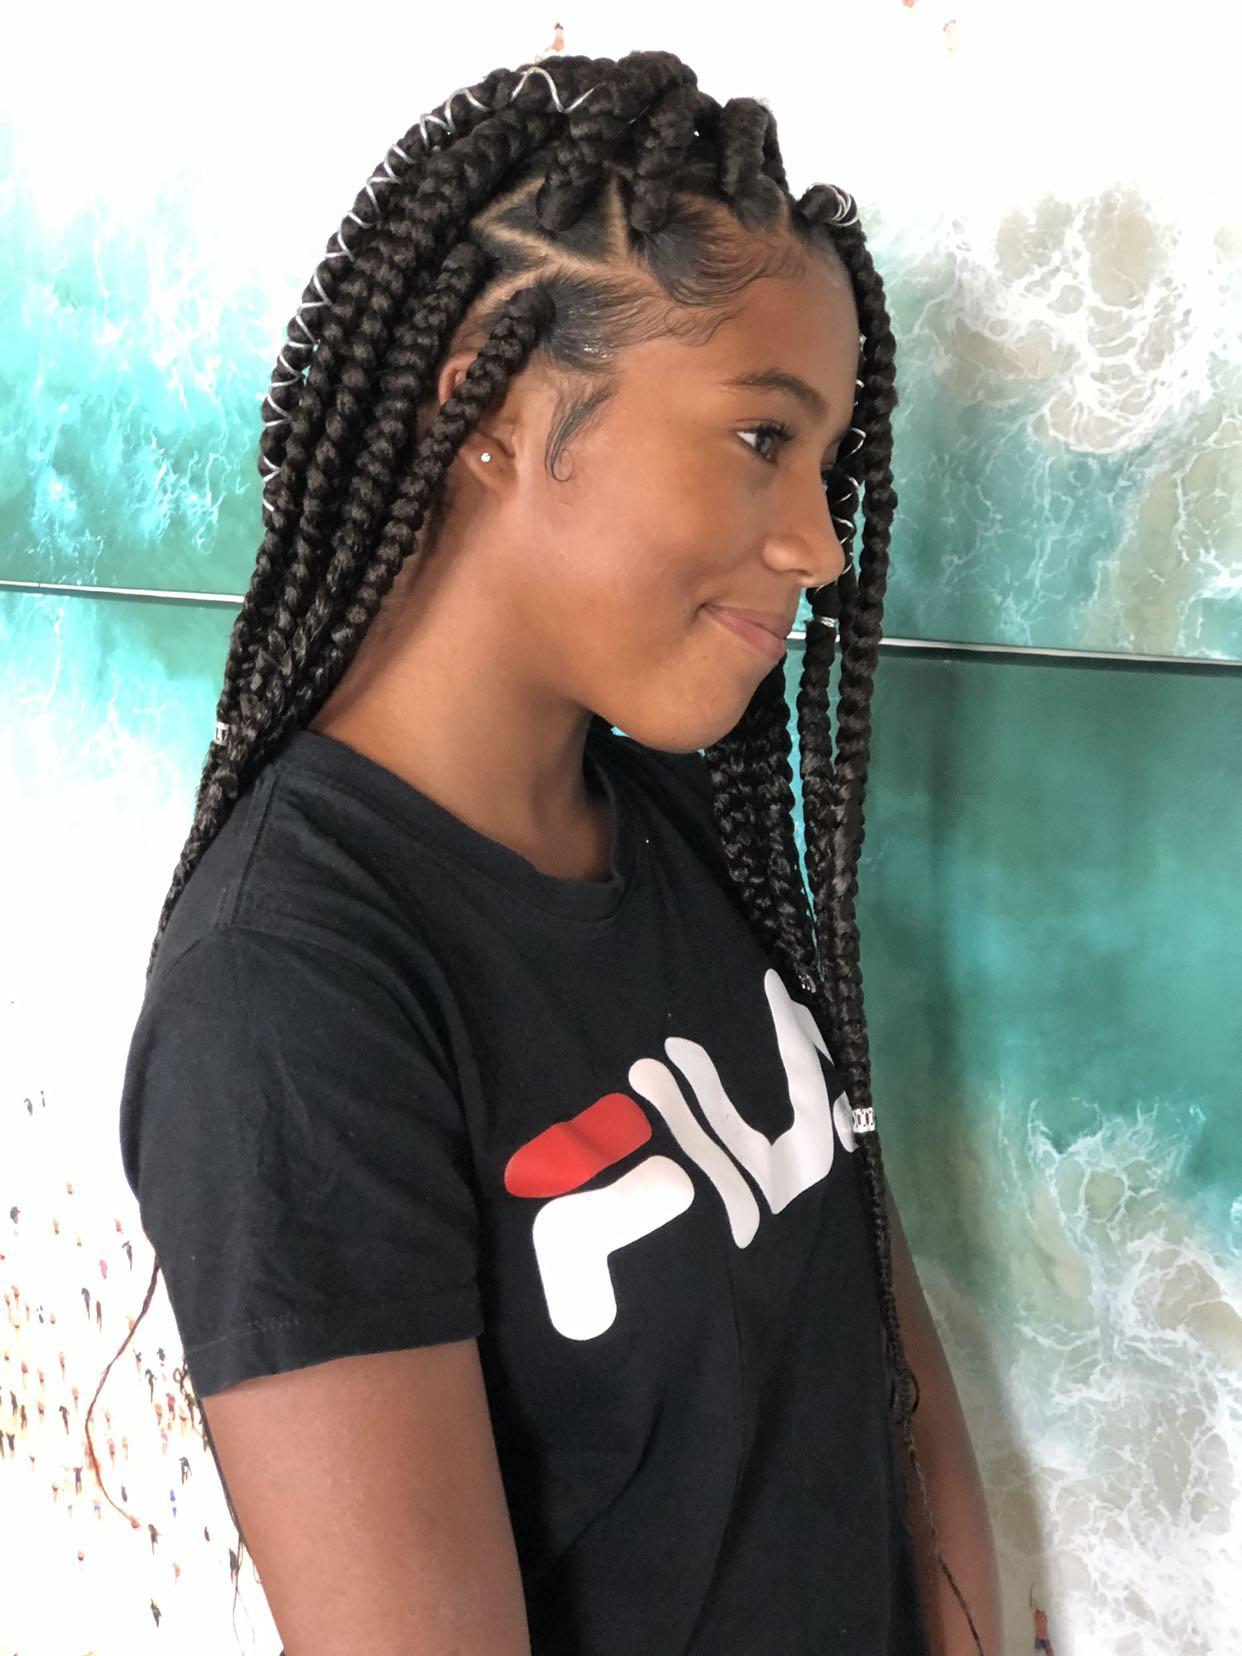 salon de coiffure afro tresse tresses box braids crochet braids vanilles tissages paris 75 77 78 91 92 93 94 95 HXWEVOST